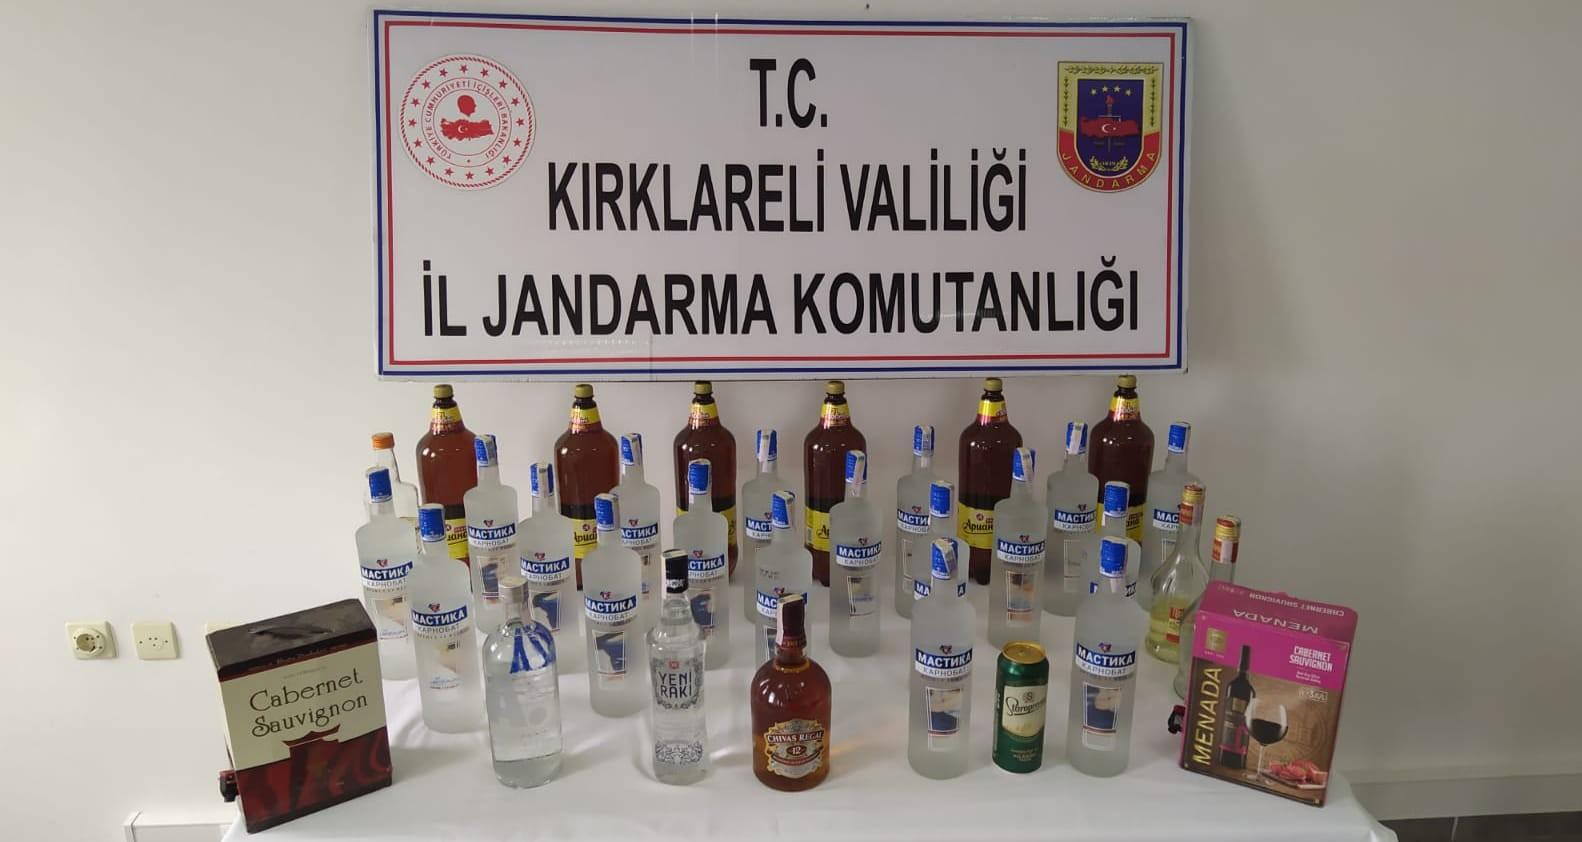 Trakya'da kaçak alkol satışına geçit yok